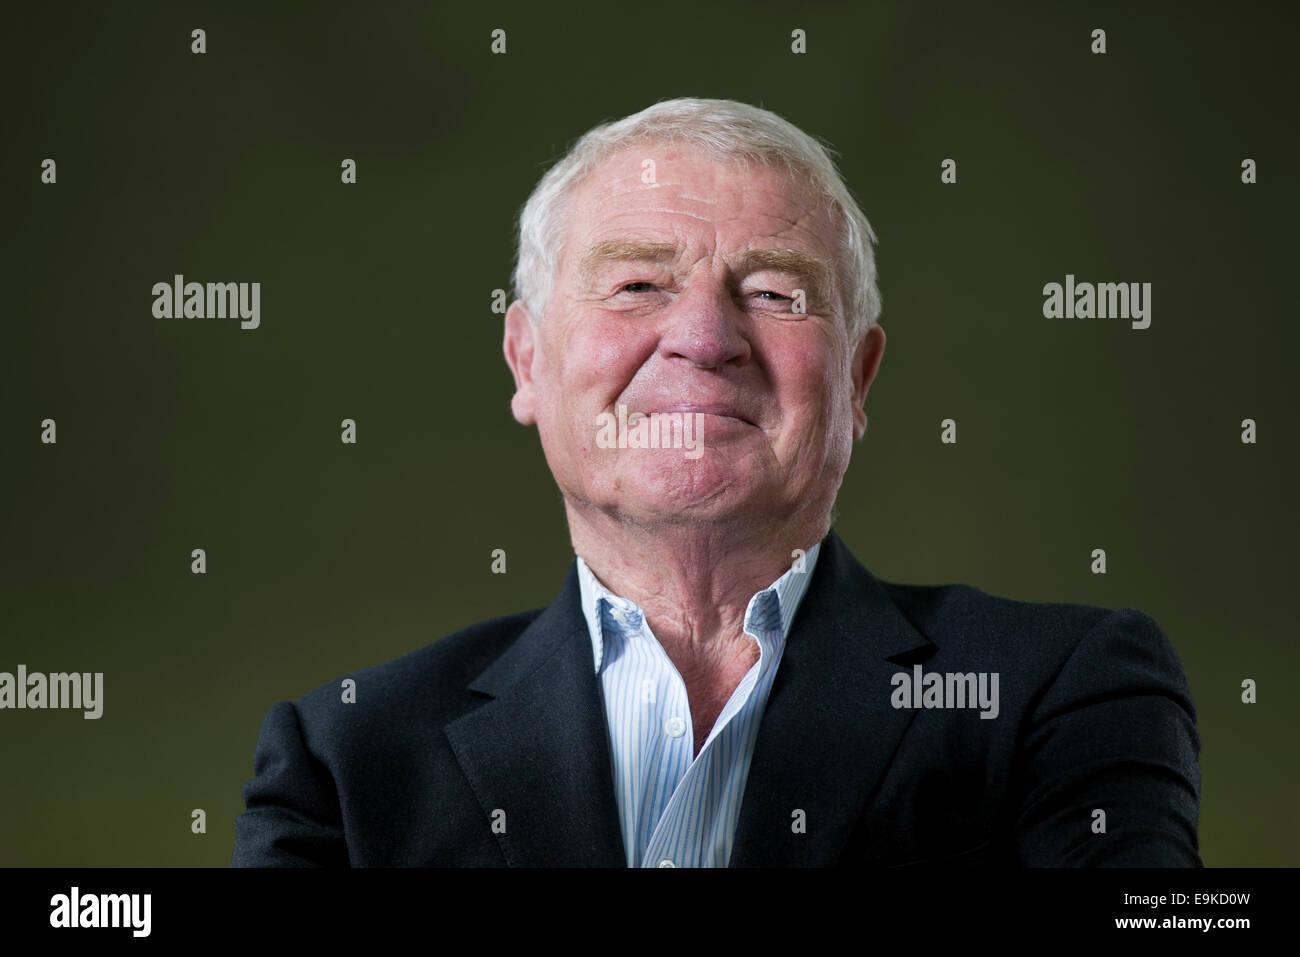 Britischer Politiker und Diplomat Baron Ashdown, normalerweise bekannt als Paddy Ashdown beim Edinburgh Book Festival. Stockbild